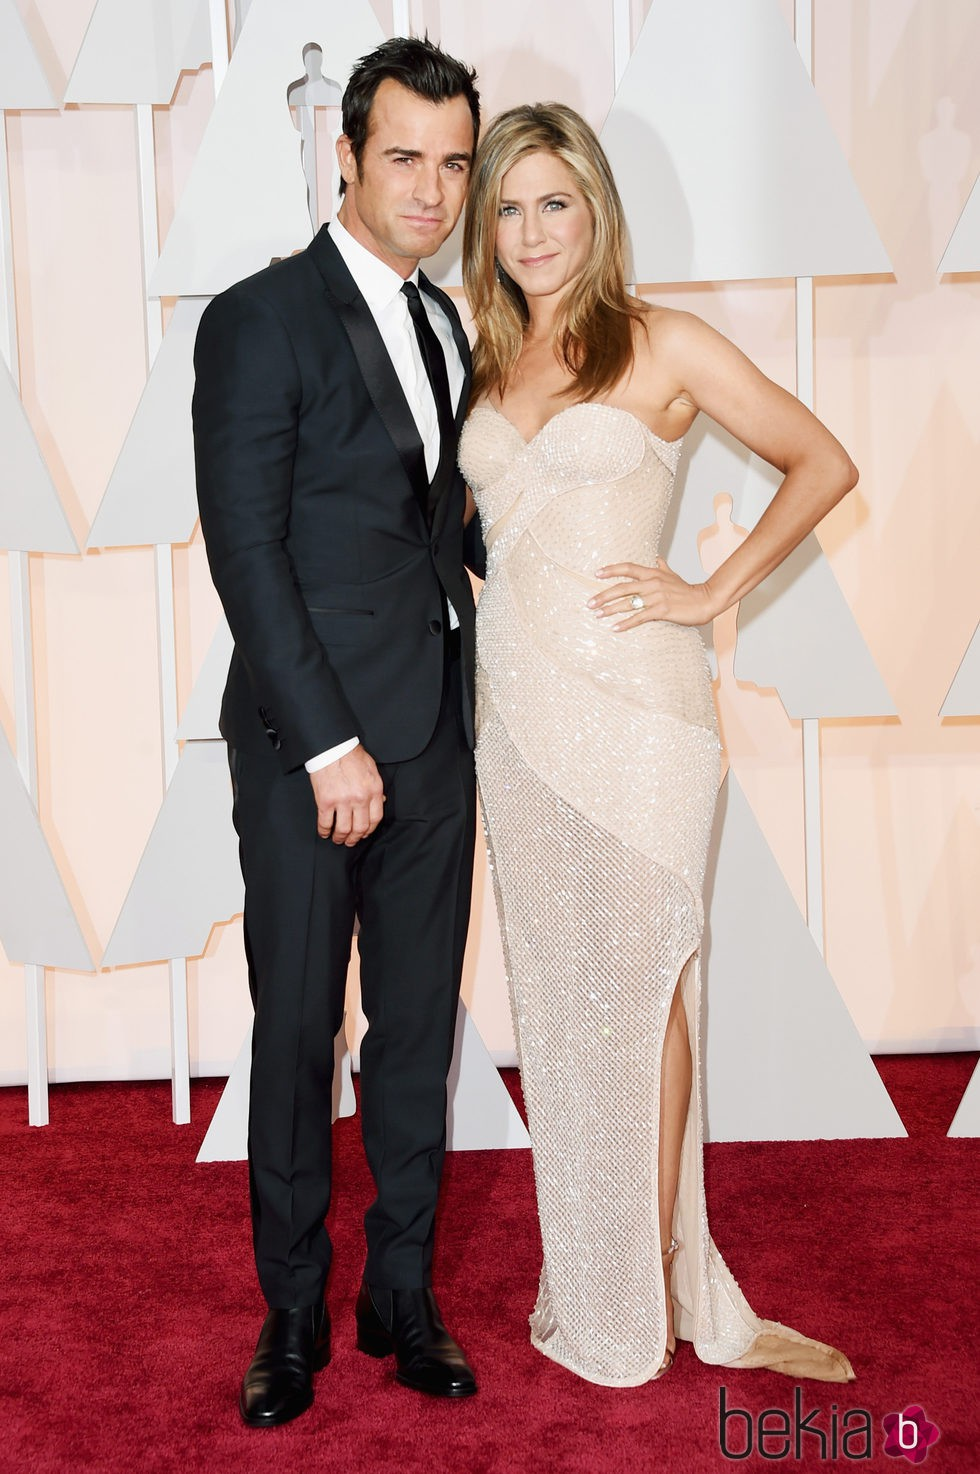 Jennifer Aniston y su prometido Justin Theroux posan en la alfombra roja de los Oscar 2015